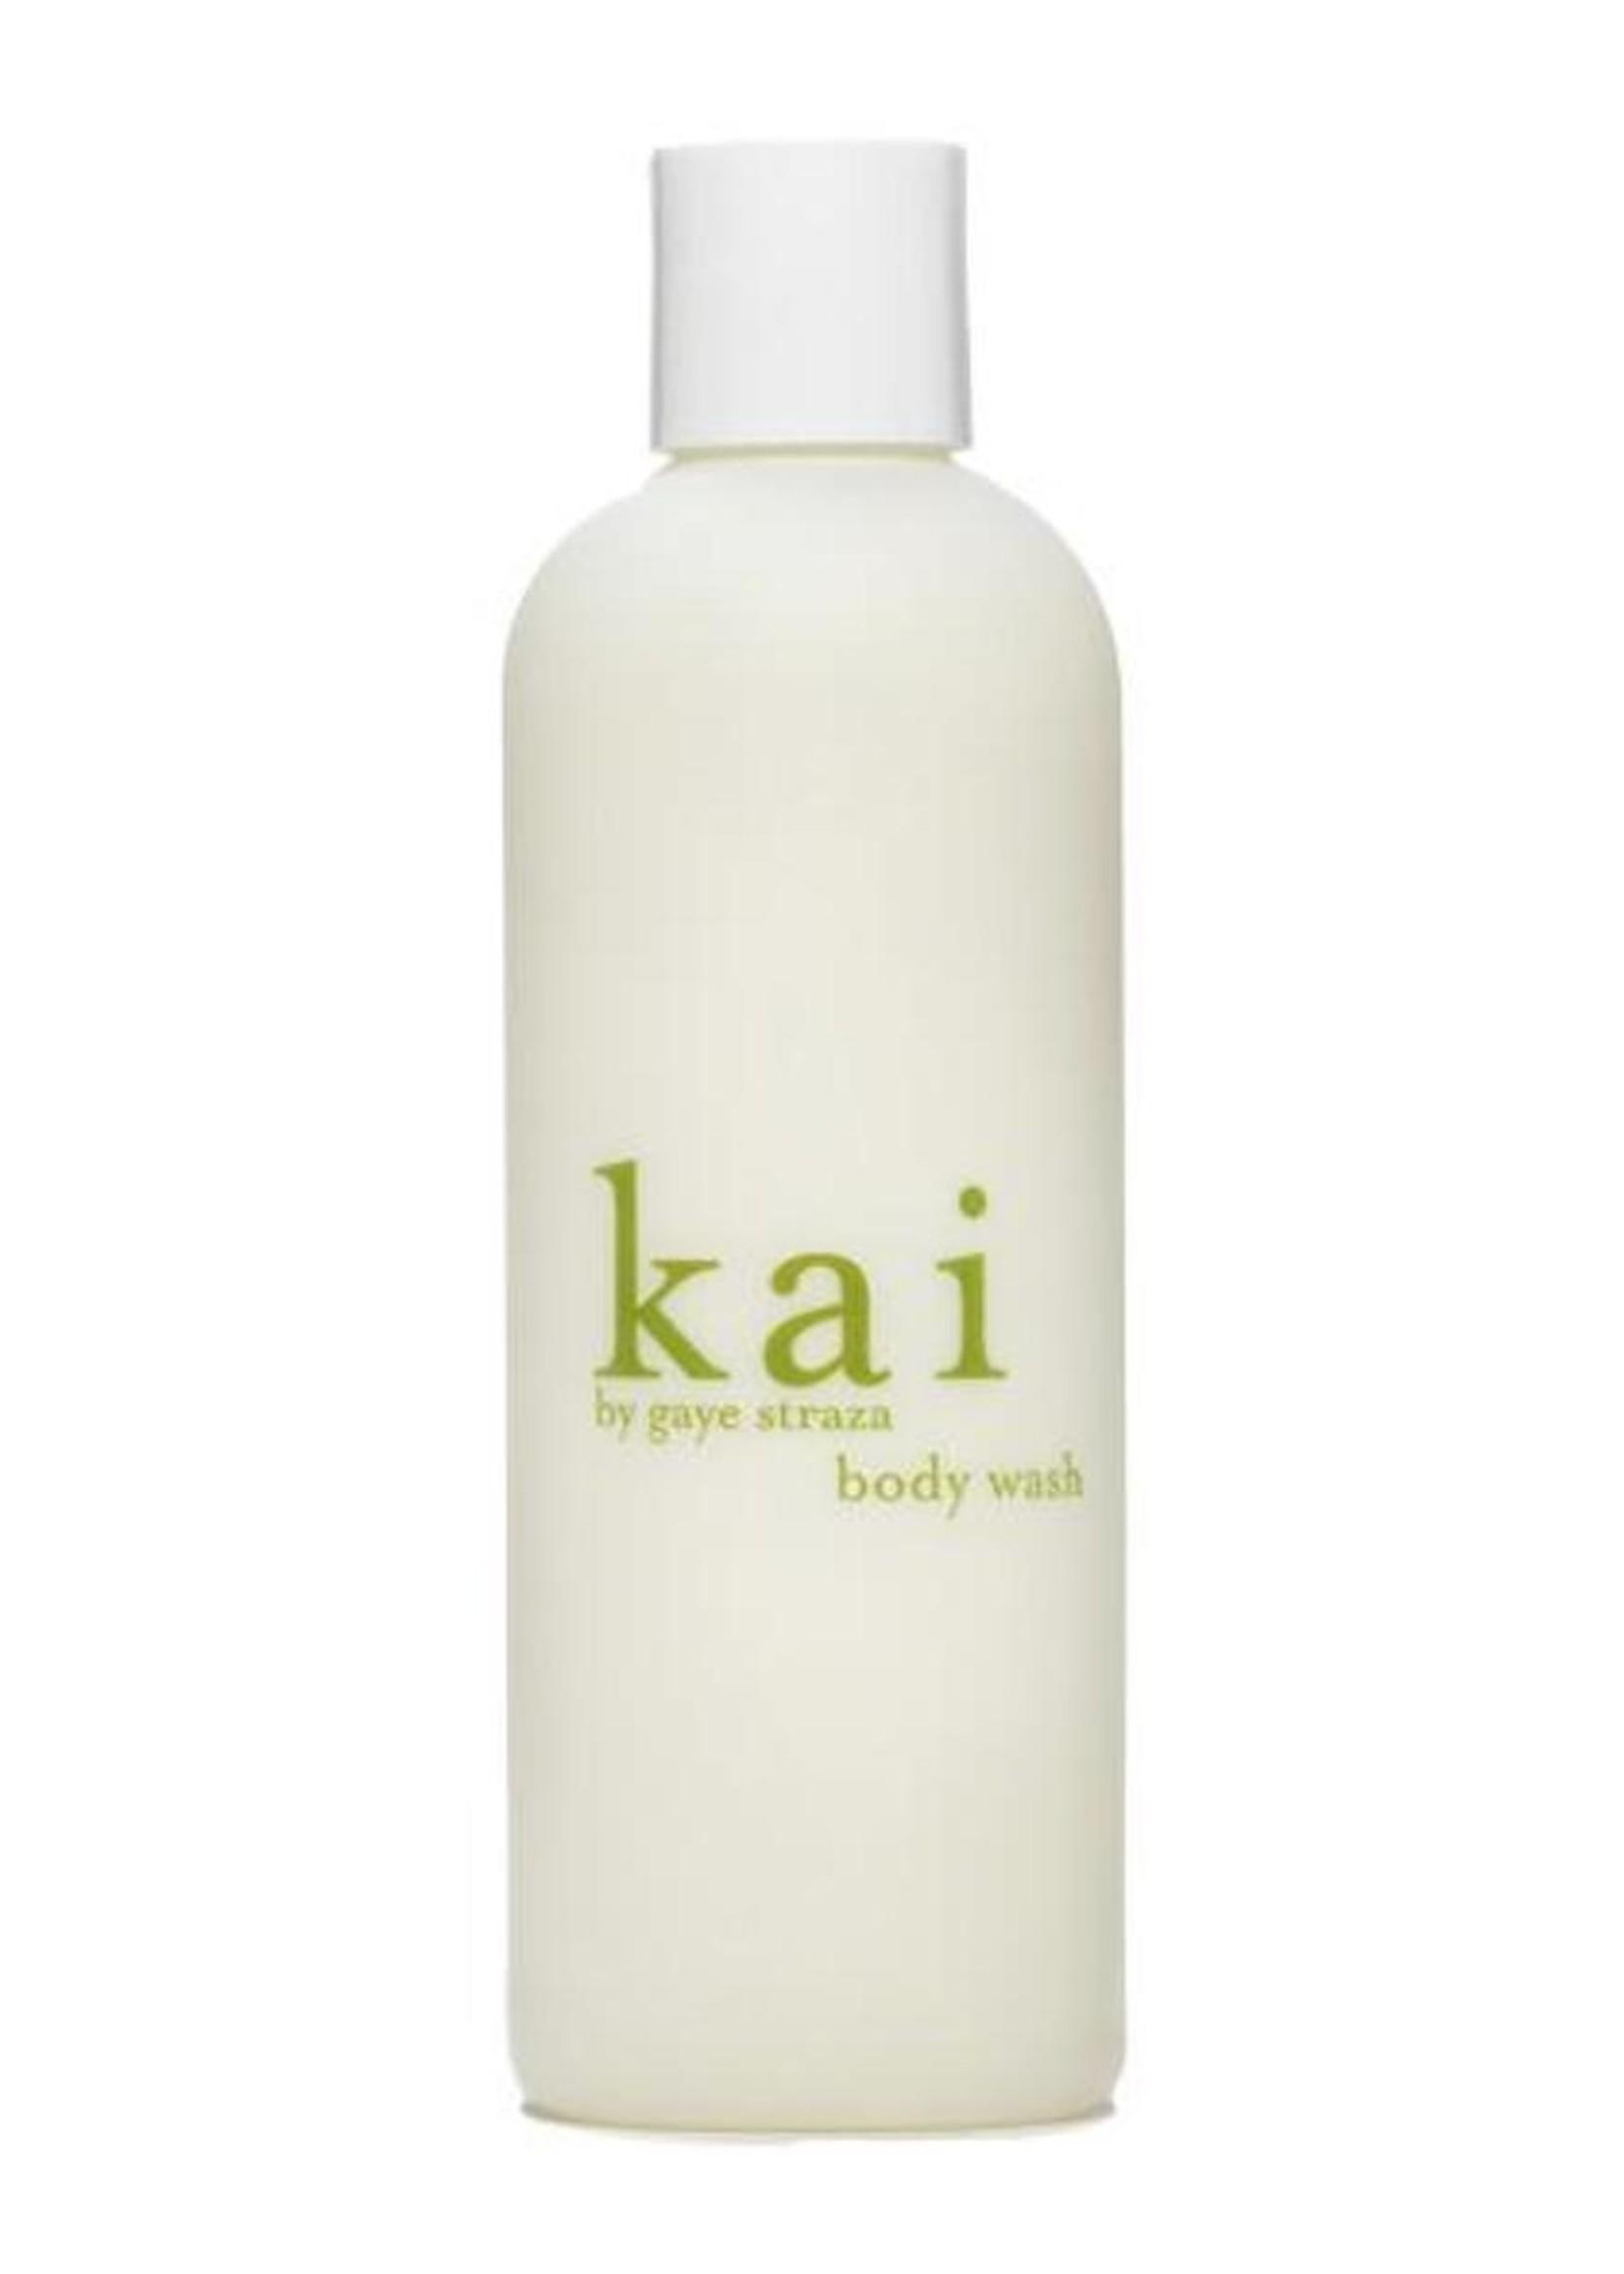 Kai Fragrance Kai Foaming Body Washes